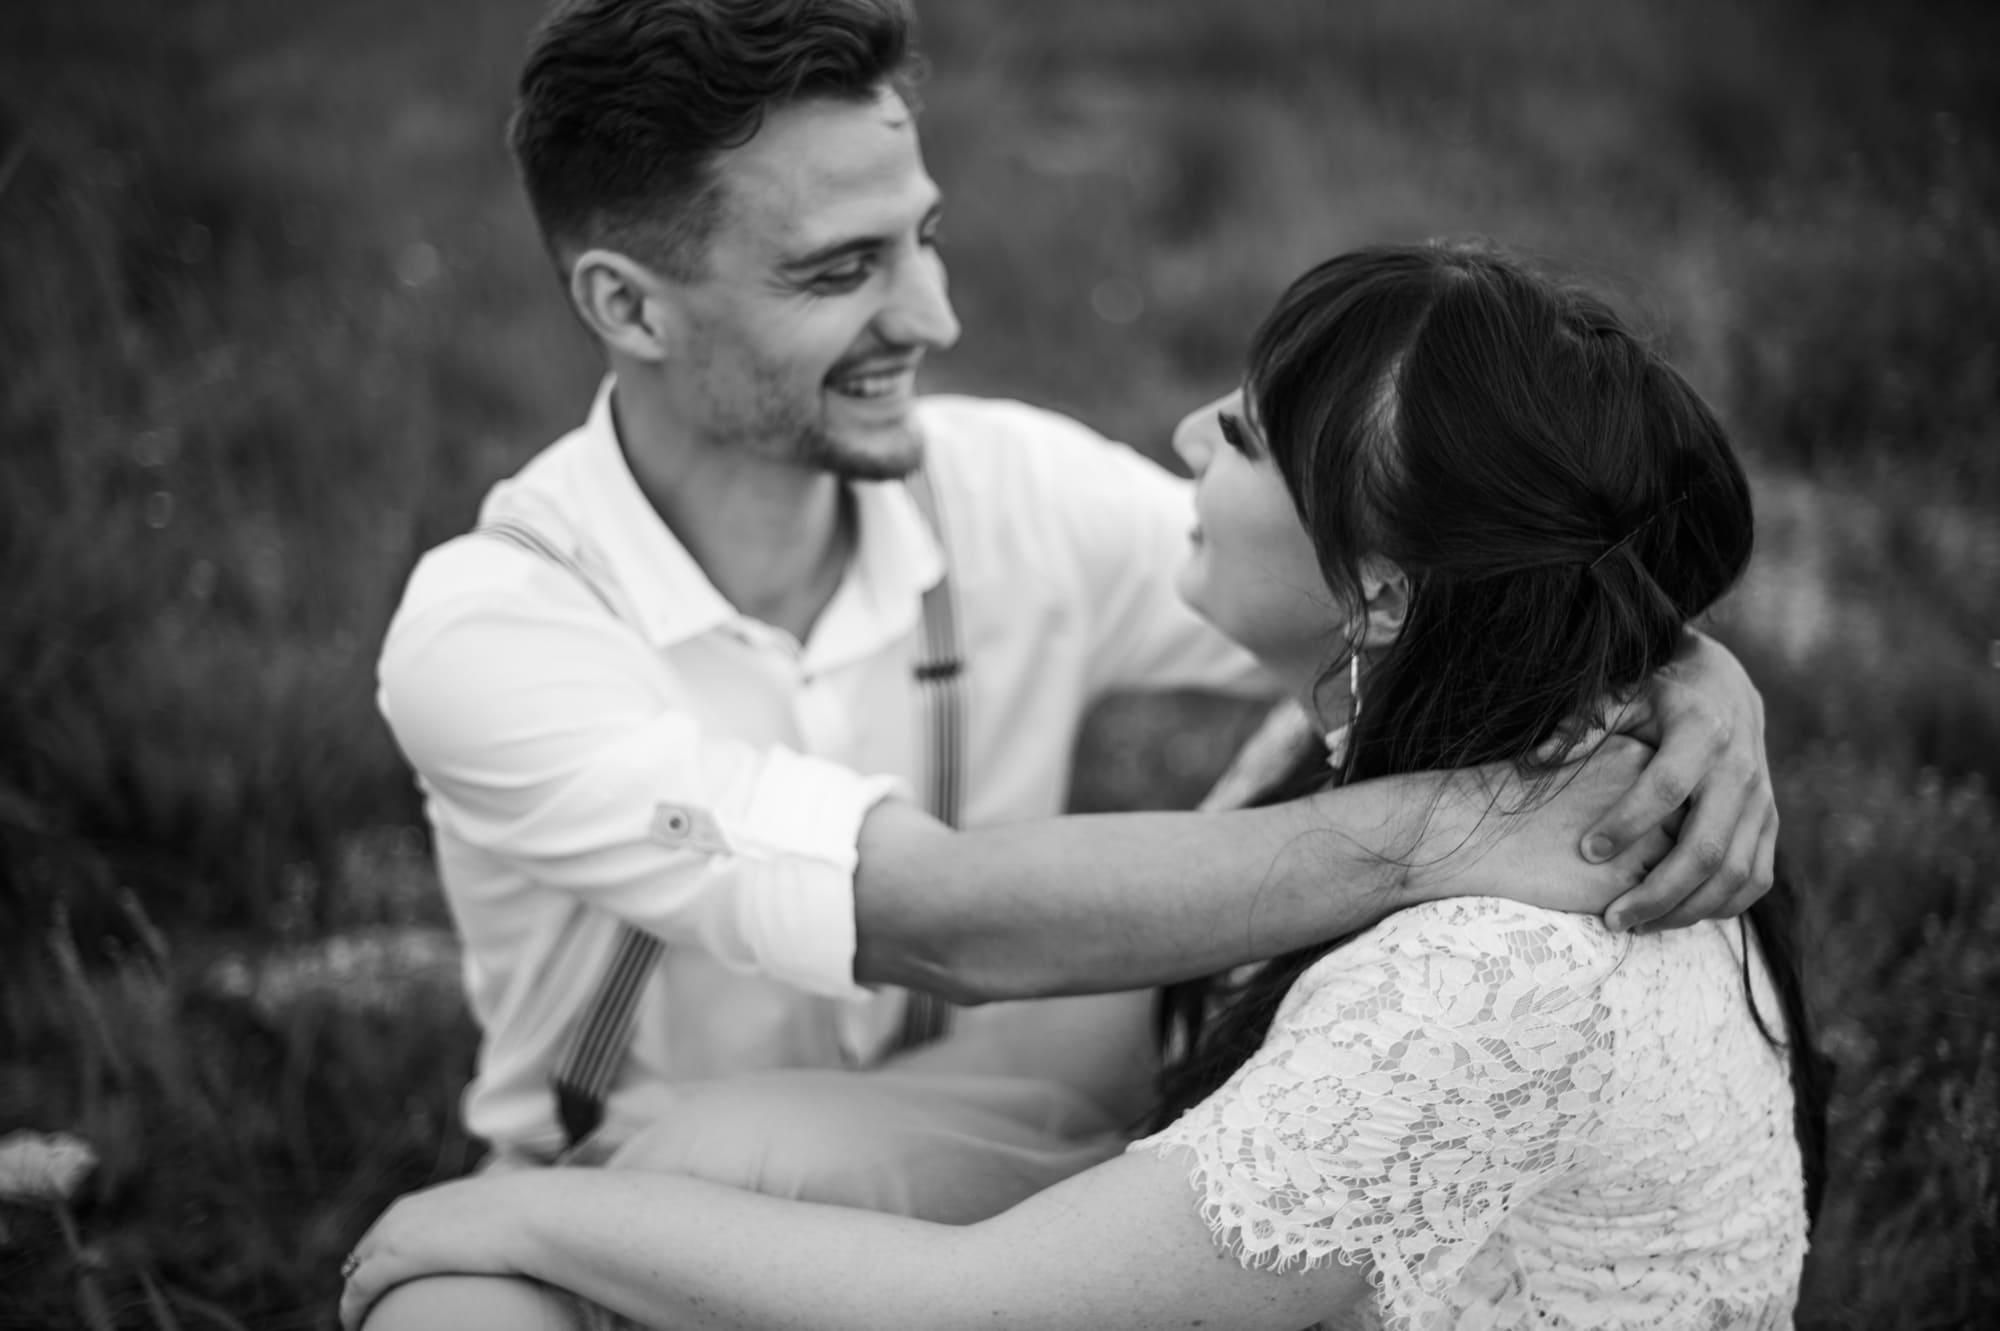 C+V-Engagement-Session-June-Richards-Photography-Destination-Weddings-Elopements-Garden-Route-33